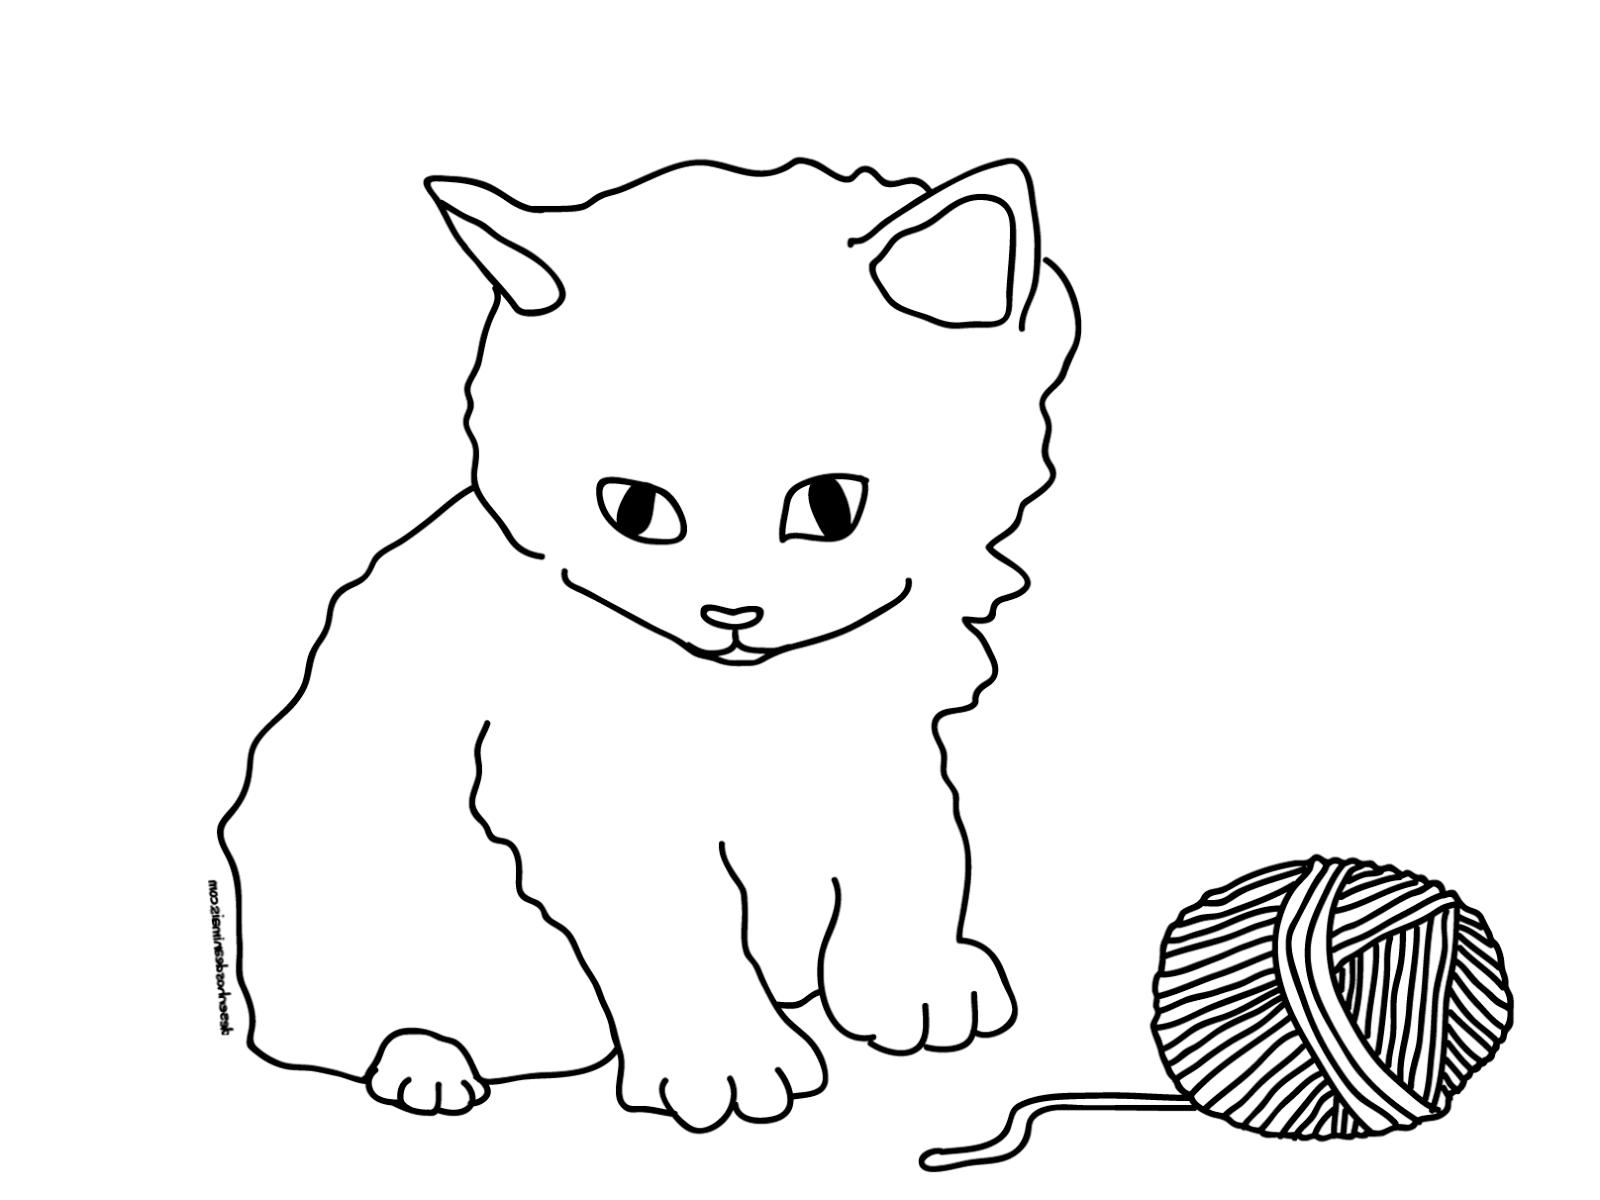 Malvorlagen Katzen Zum Ausdrucken